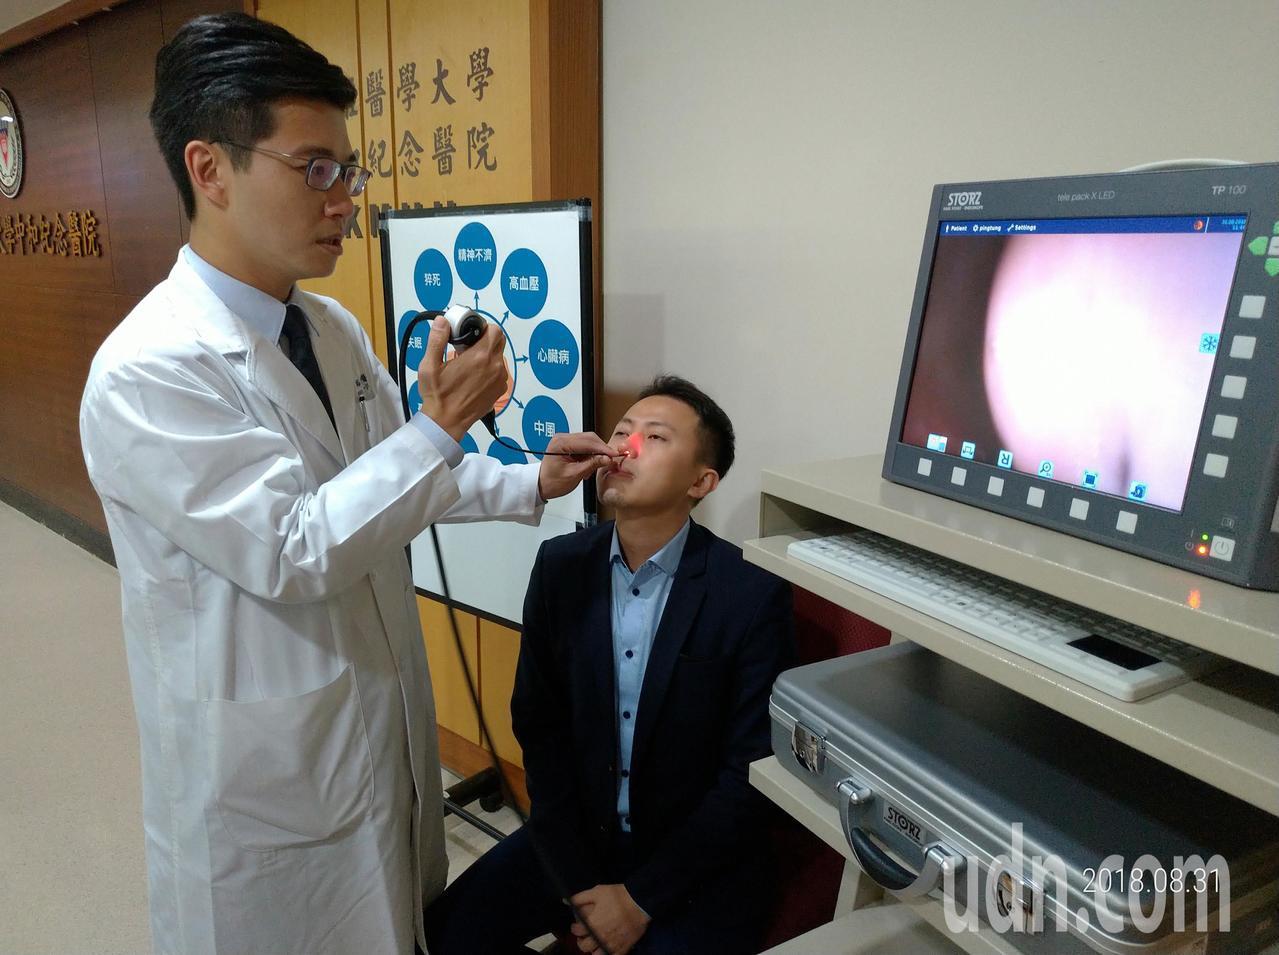 高醫口腔外科醫師陳裕豐(左)以整形手術治療打鼾,效果良好。記者劉學聖/攝影